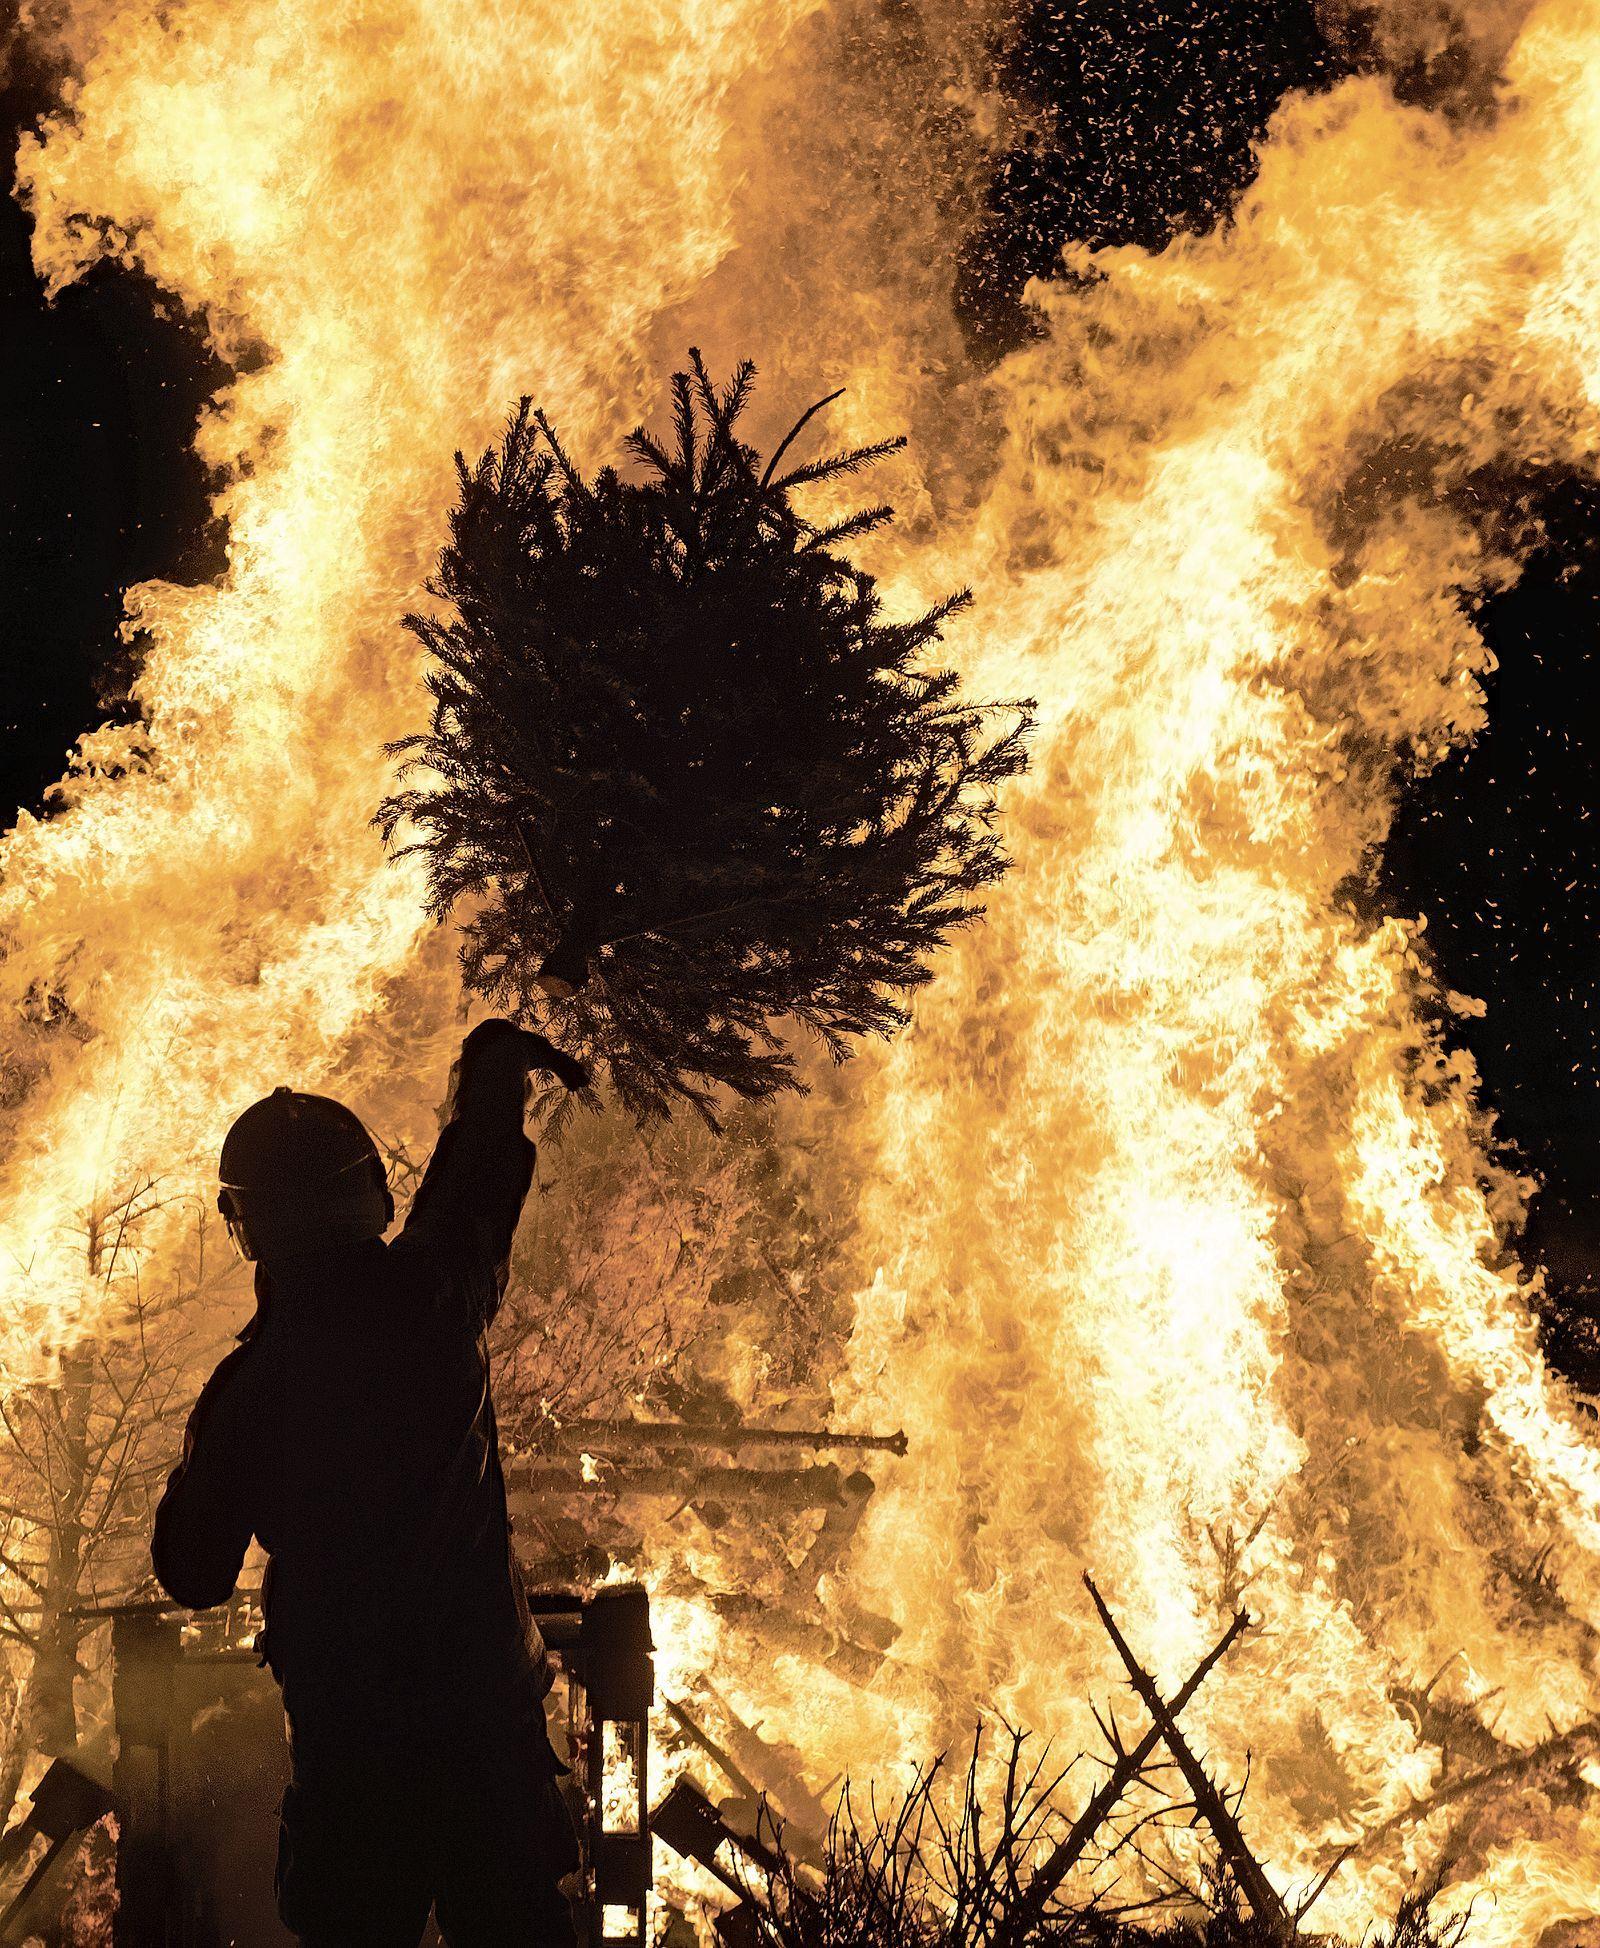 Een verbod op kerstboomverbrandingen in de IJmond, zou dat werken? | Stem op de IJmondstelling